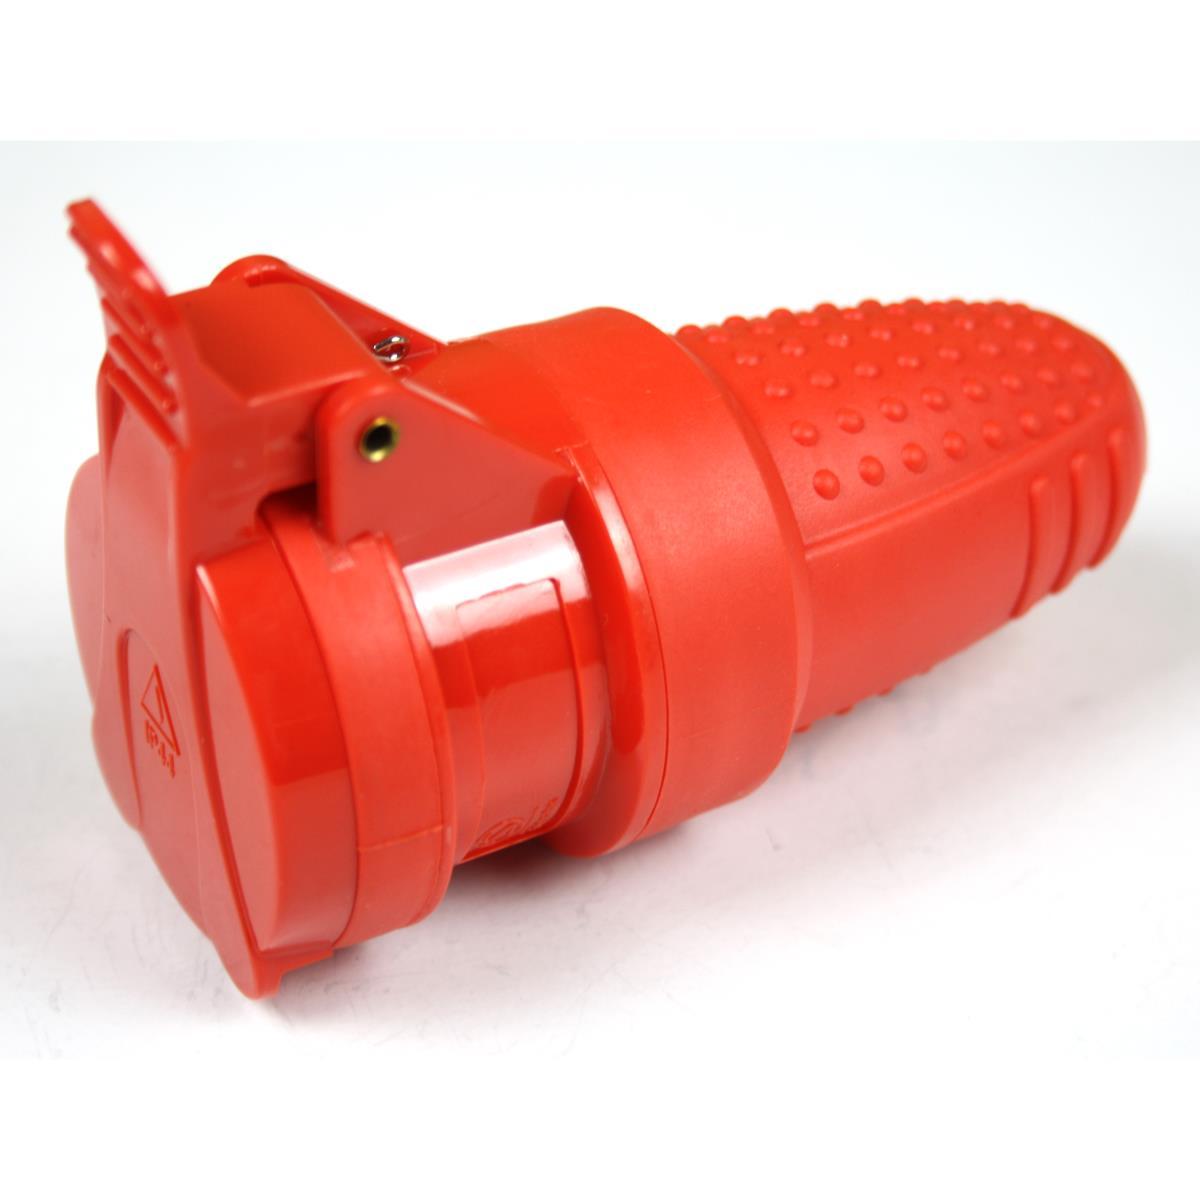 Gummikupplung mit Deckel Schuko Kupplung Rot,OKKO,KF-GBYCP-01-R, 4772013040828